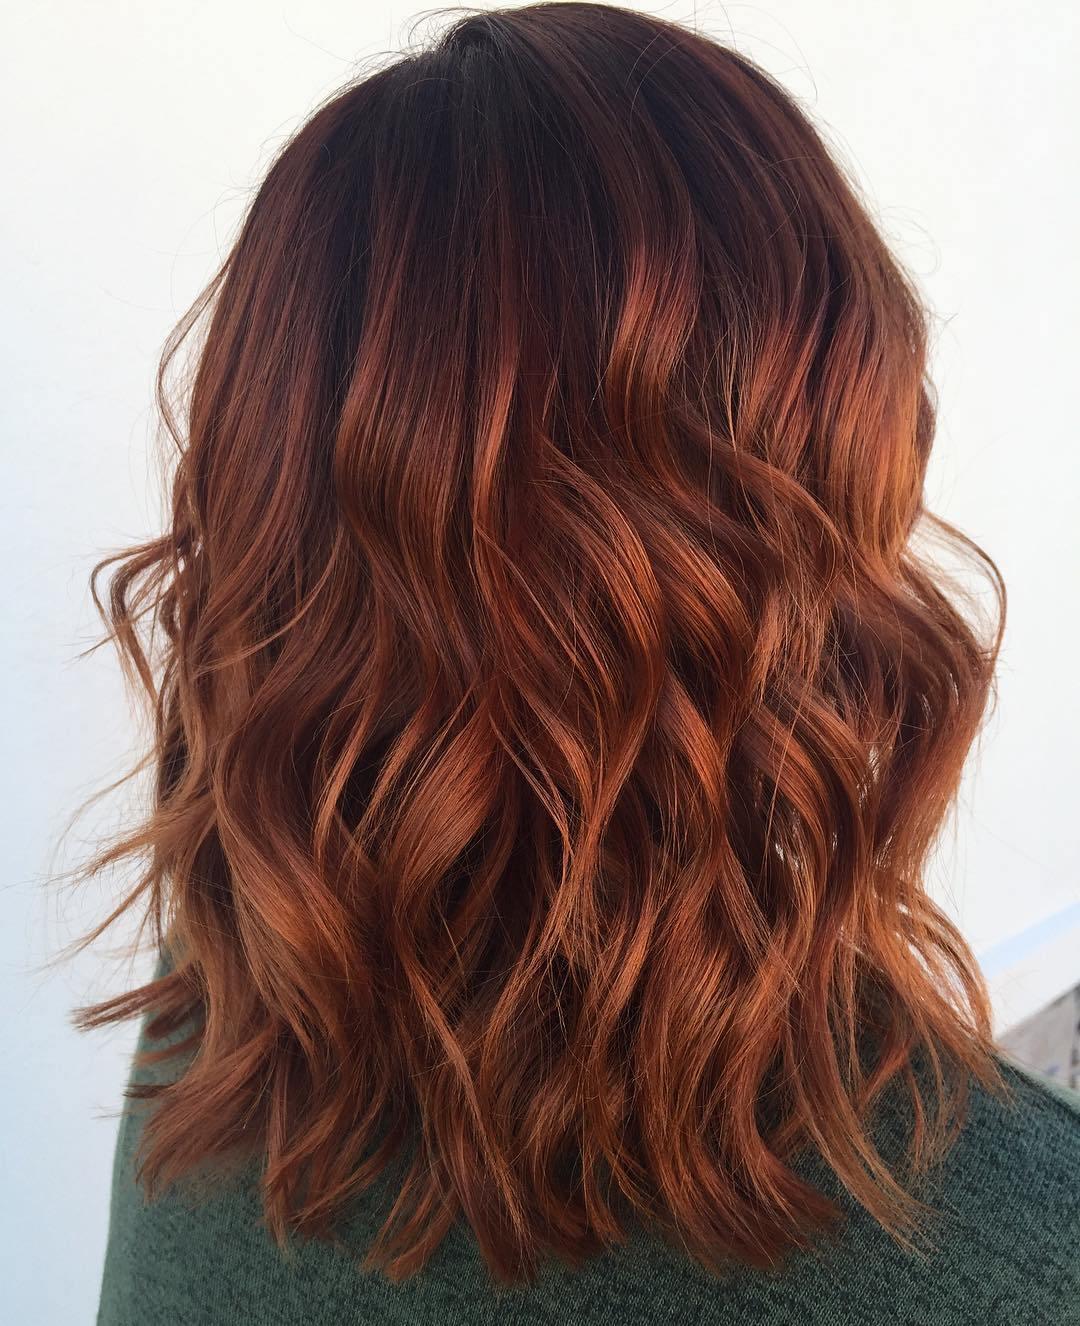 60 couleurs de cheveux auburn pour souligner votre individualite 5e42818503d4b - 60 couleurs de cheveux Auburn pour souligner votre individualité